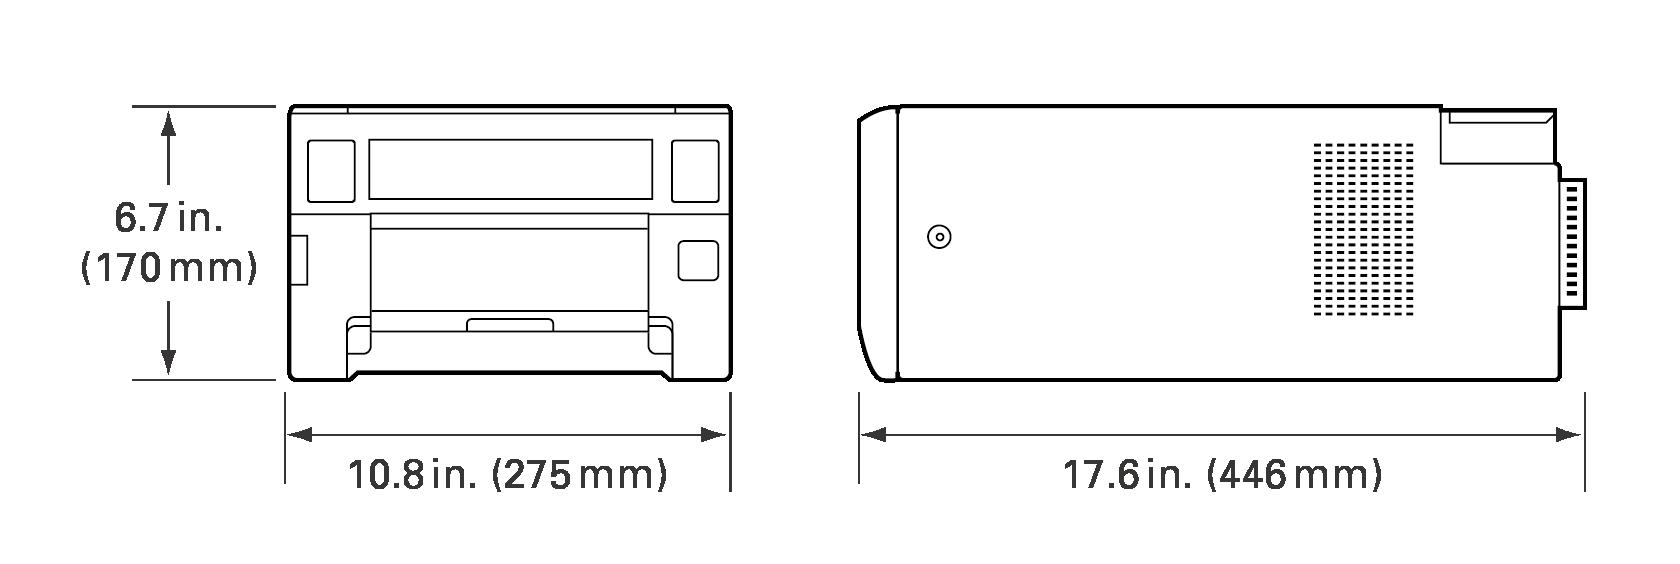 Diagrama do produto